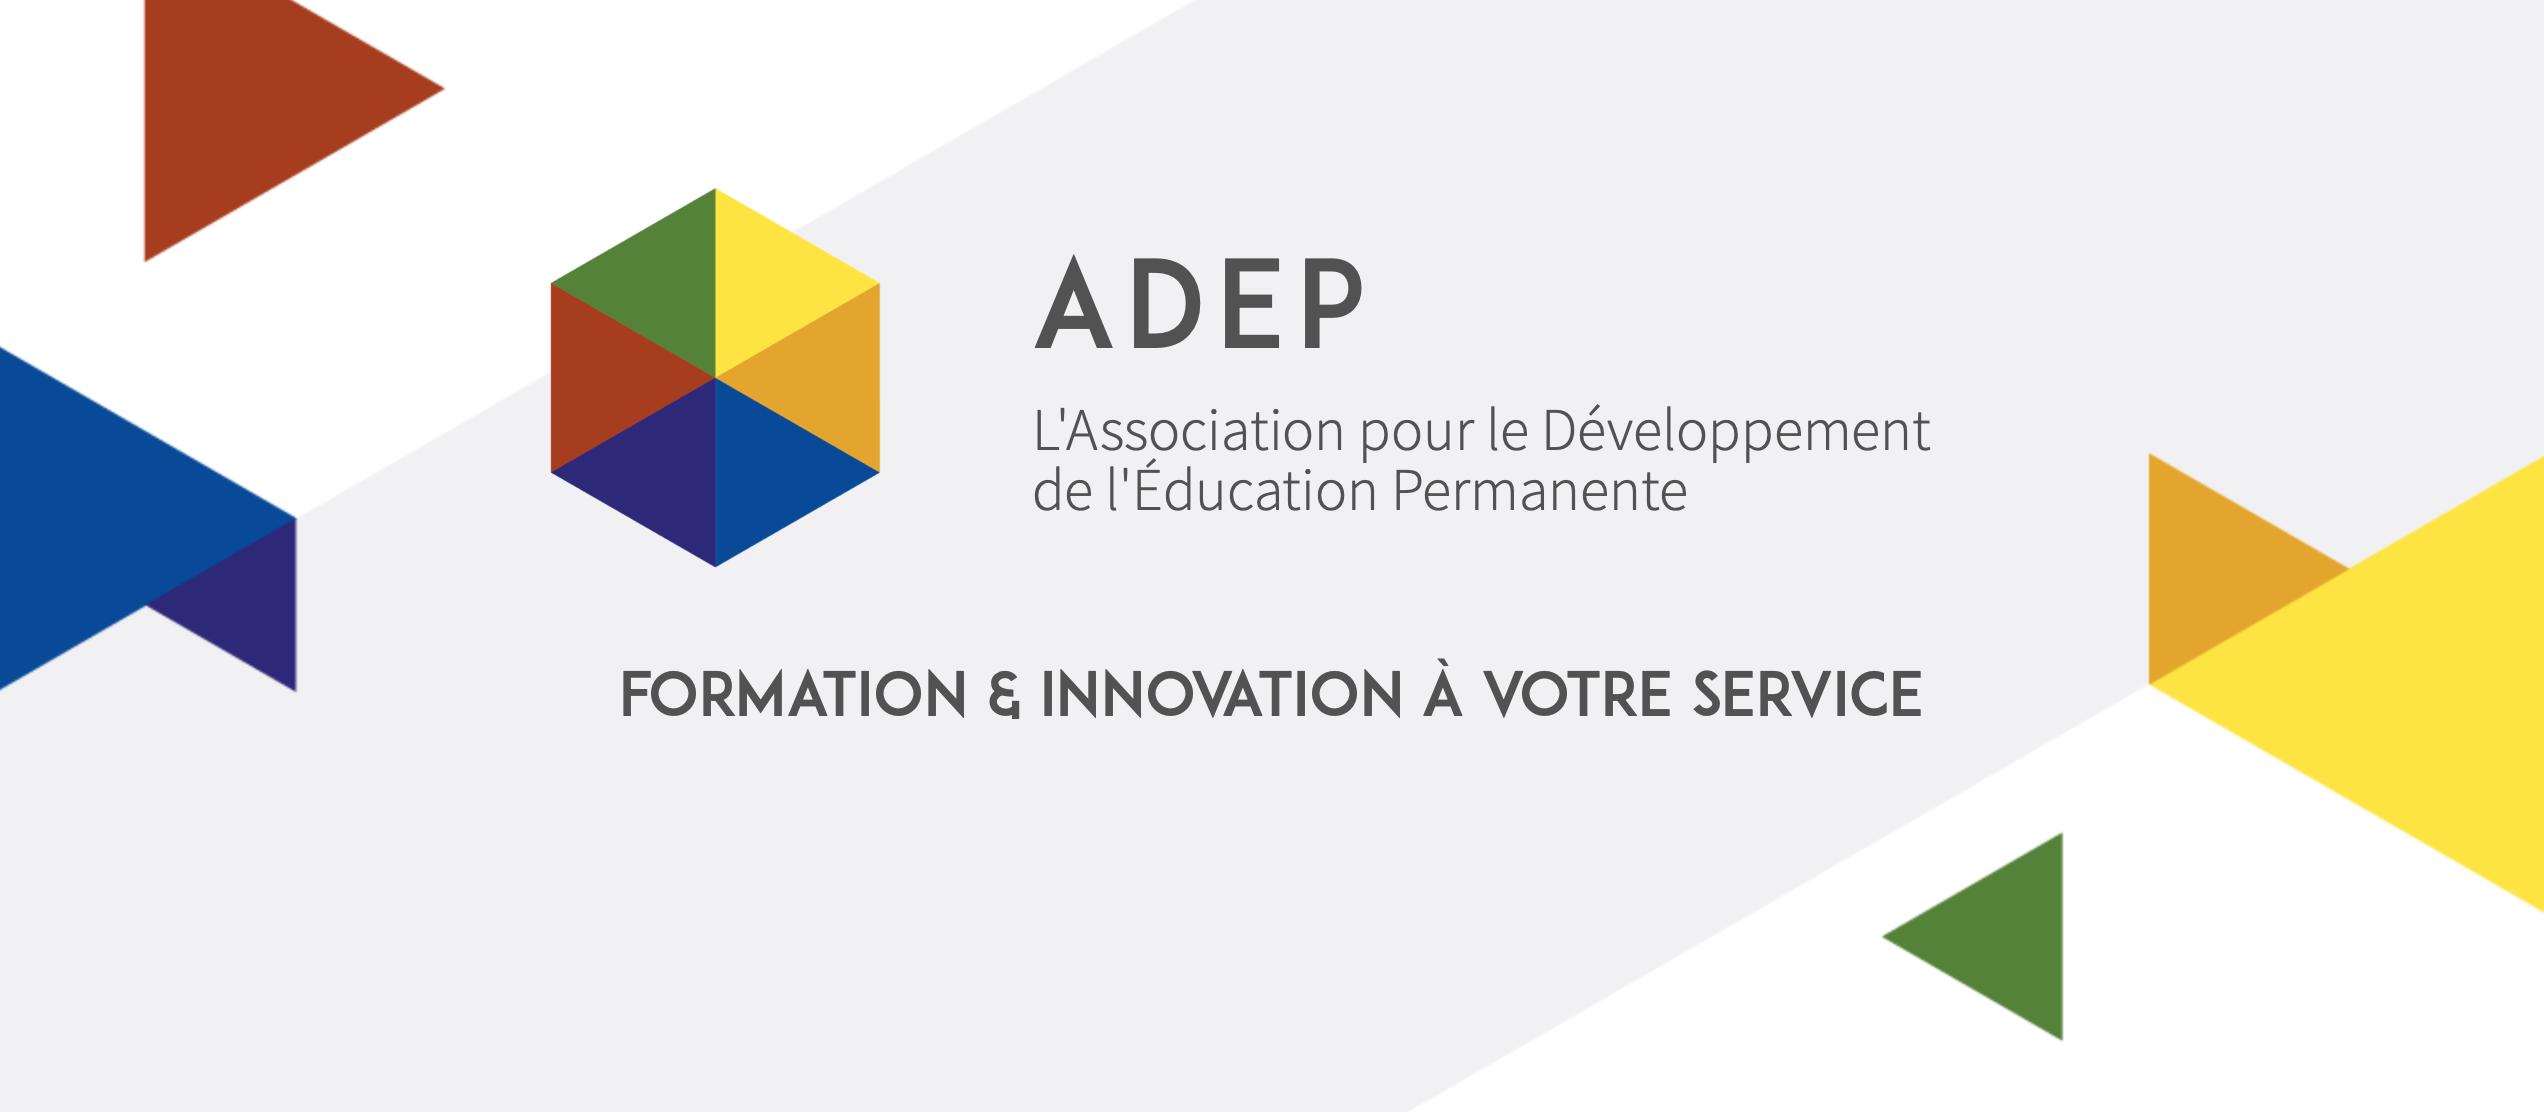 Adep_main